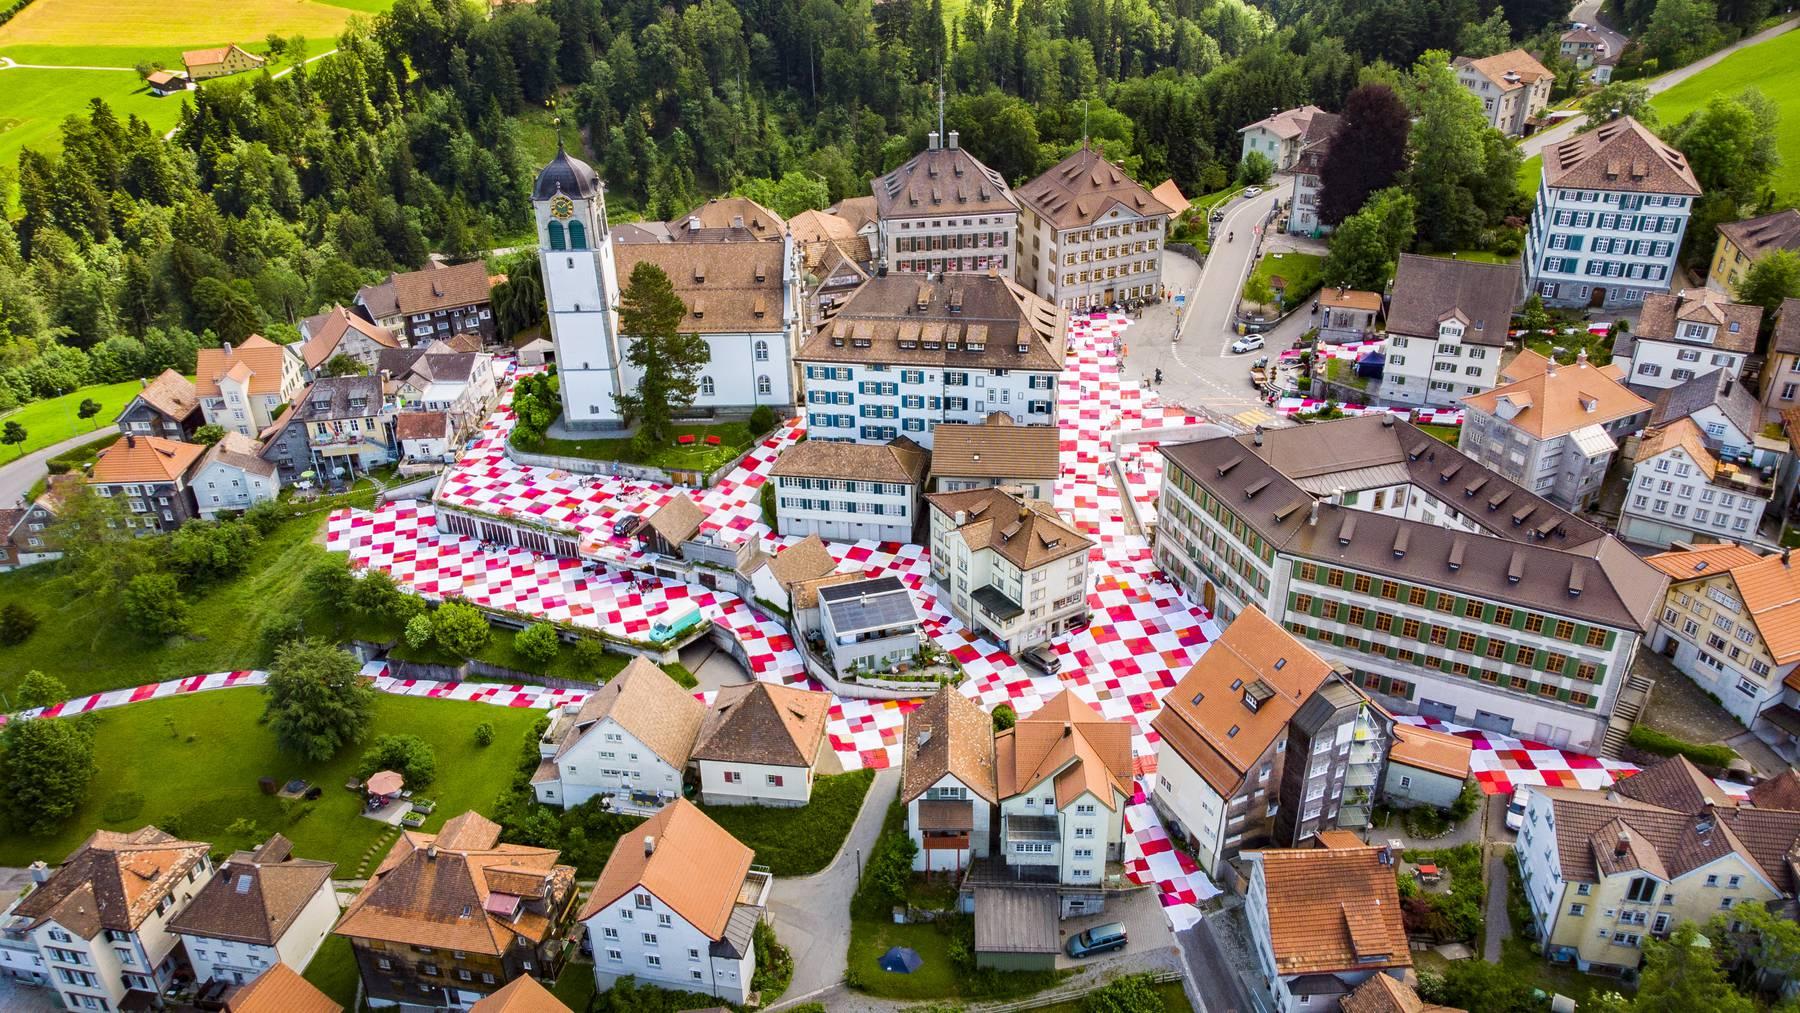 Ein riesiges Picknick-Tuch in der ganzen Altstadt: In diesem Jahr findet das «Bignik» in Degersheim statt.